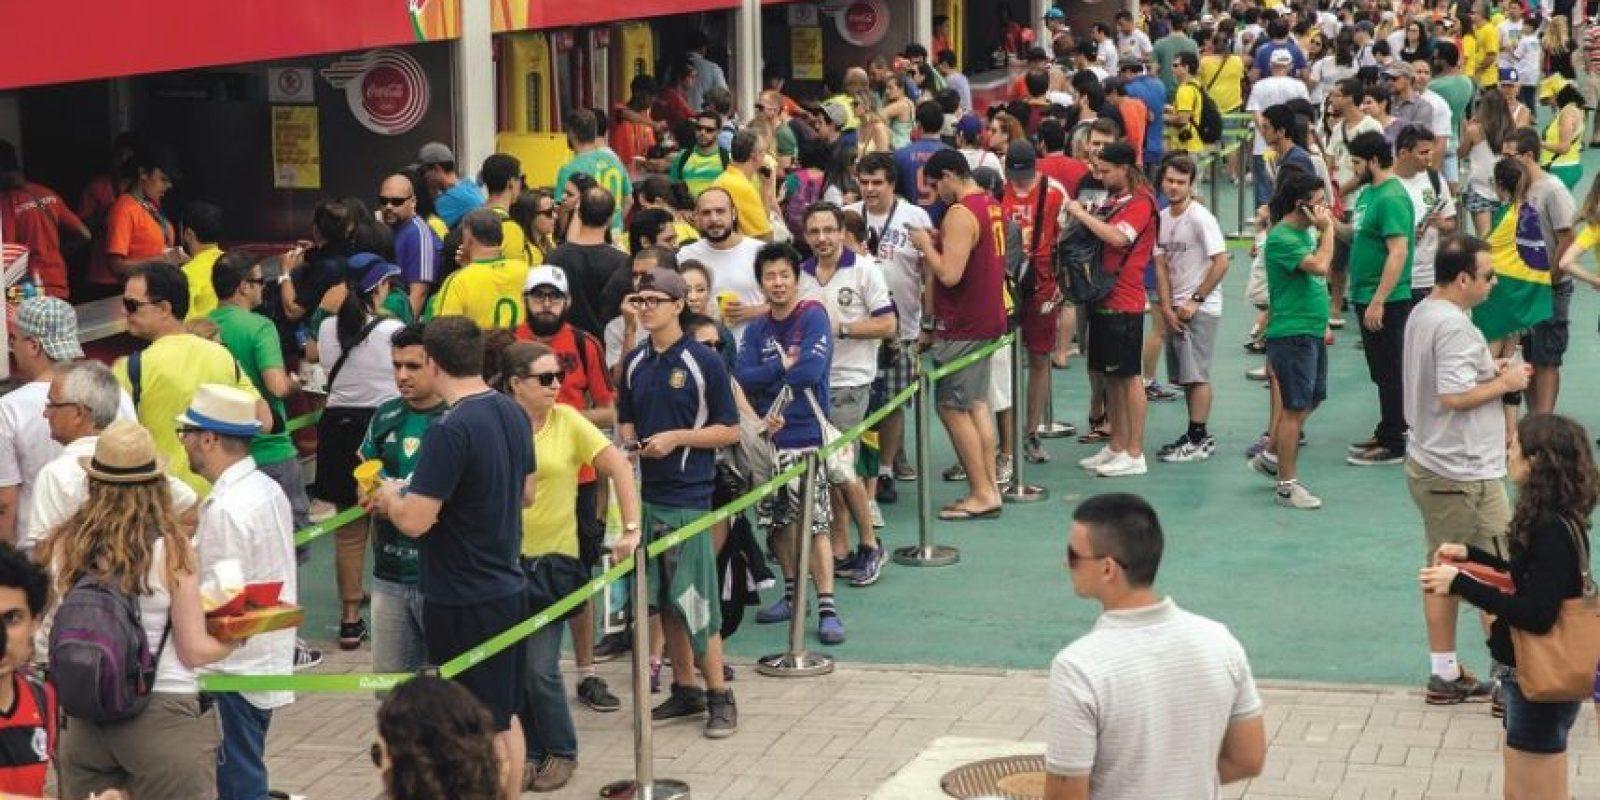 Fila de comida. Con pocas fuentes de agua potable el público sufrió para comer y beber. Foto:Metro Rio